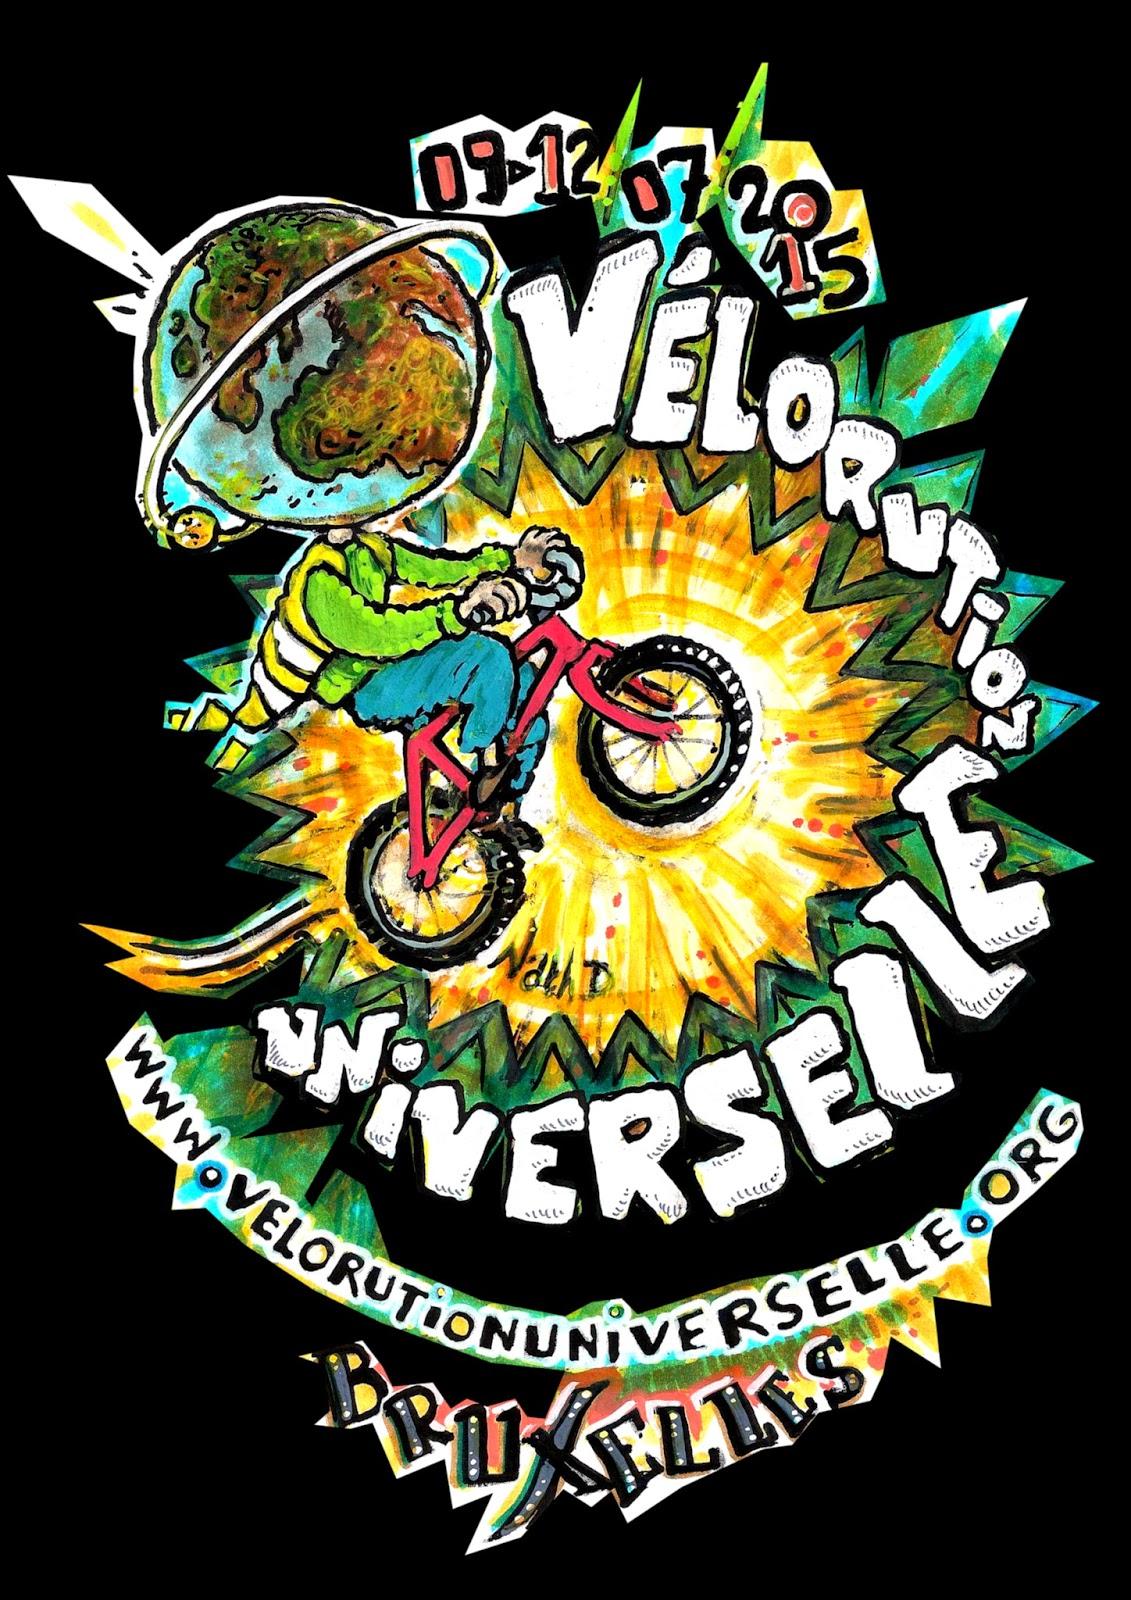 pour la révolution universelle 2015 à Bxl